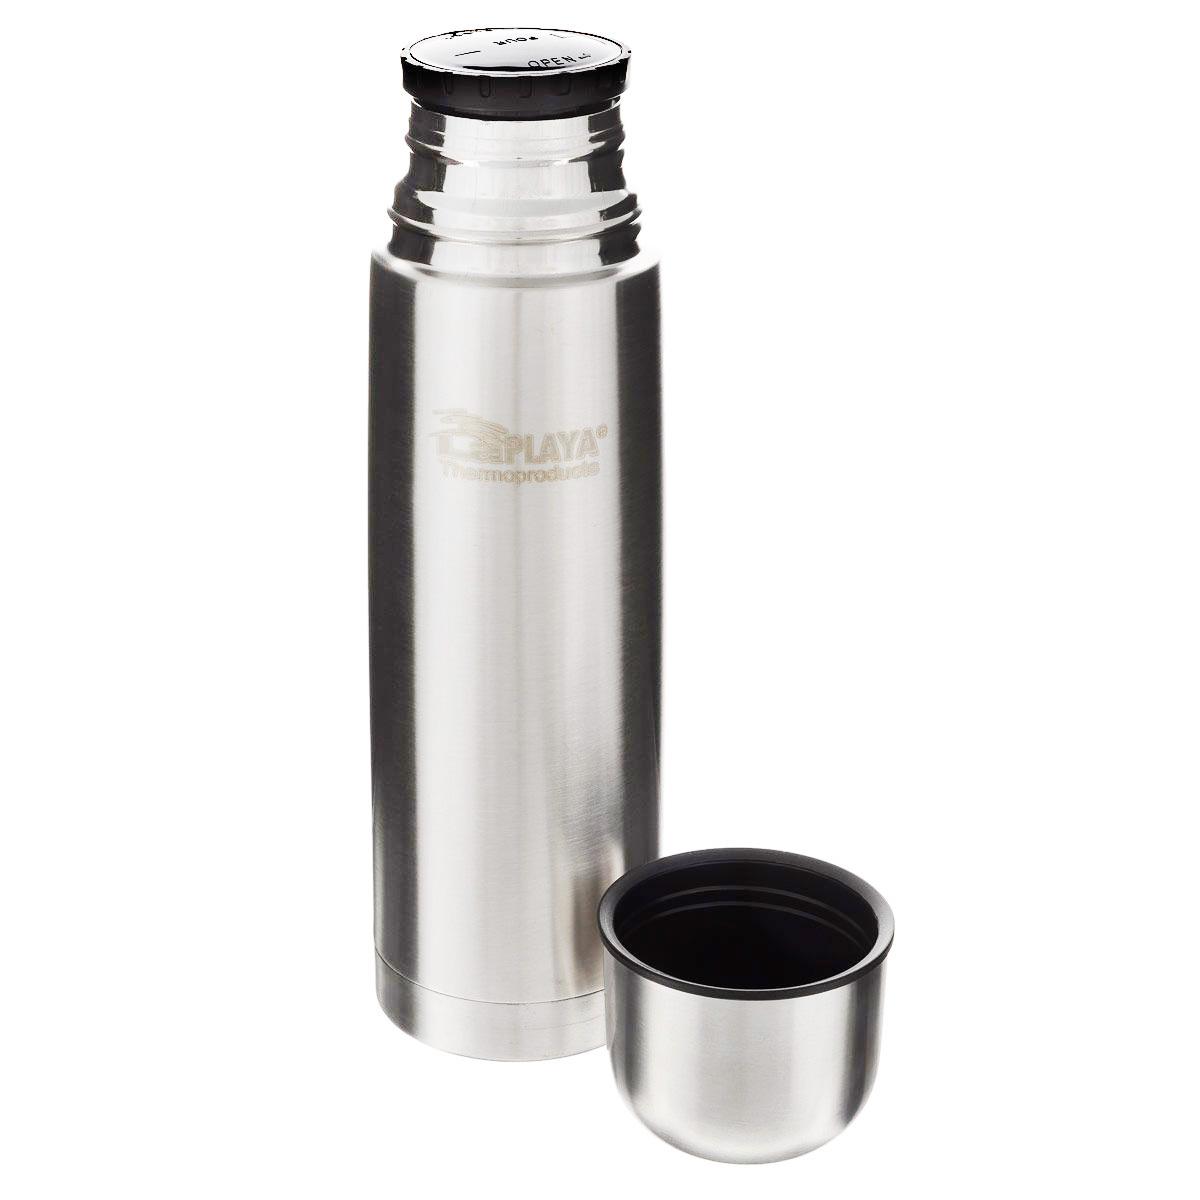 Термос LaPlaya Thermo Bottle Action (0.5 литра) серебристый